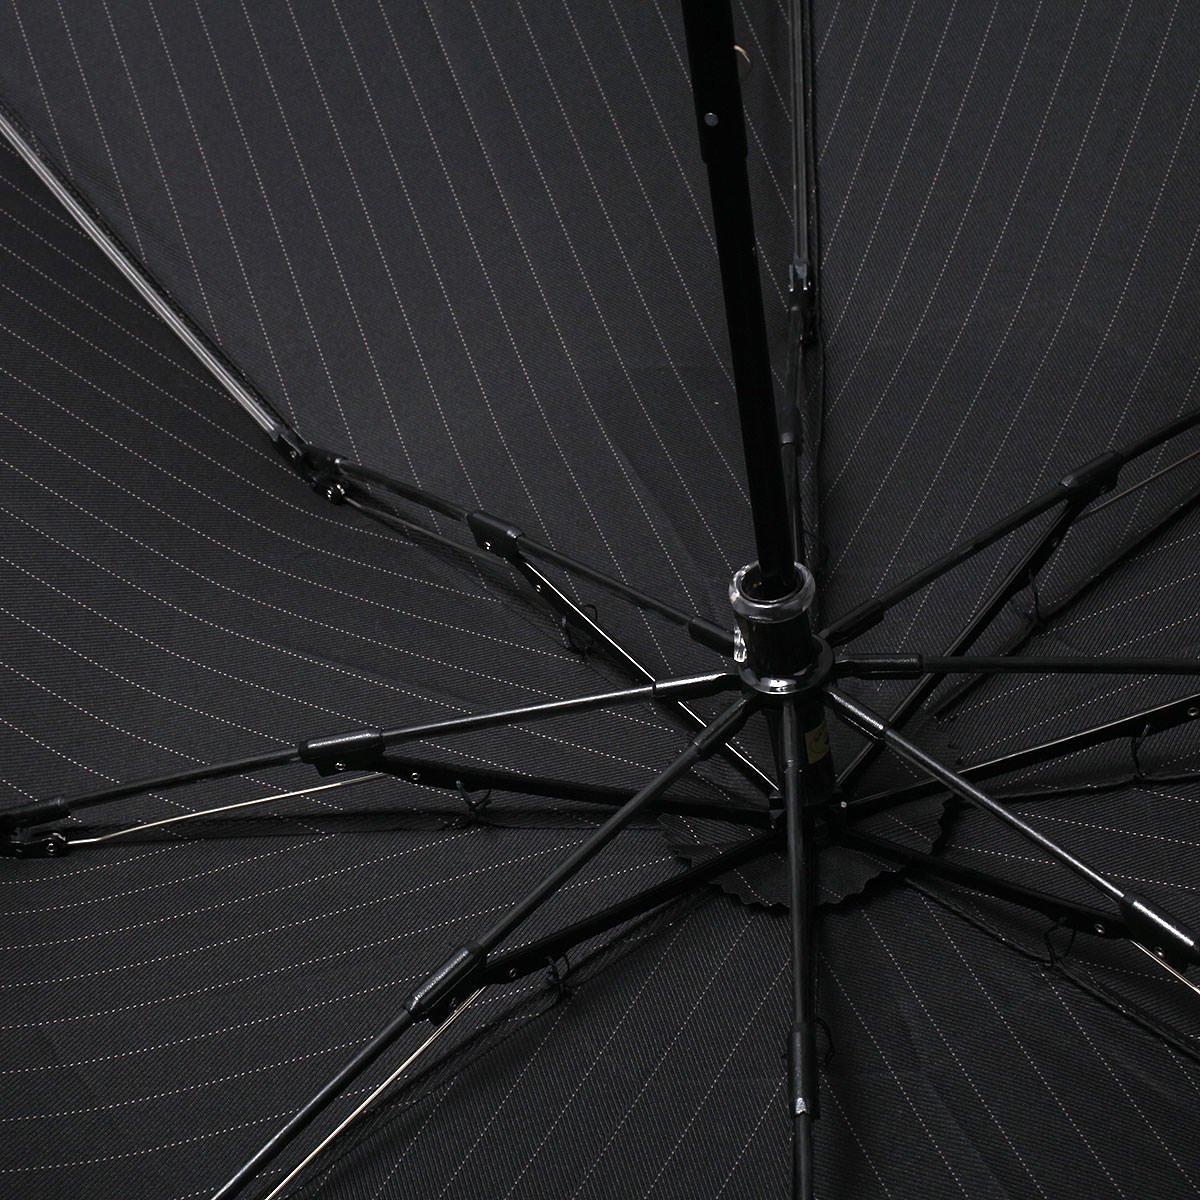 【セール】ツイルストライプ 折りたたみ傘 詳細画像6